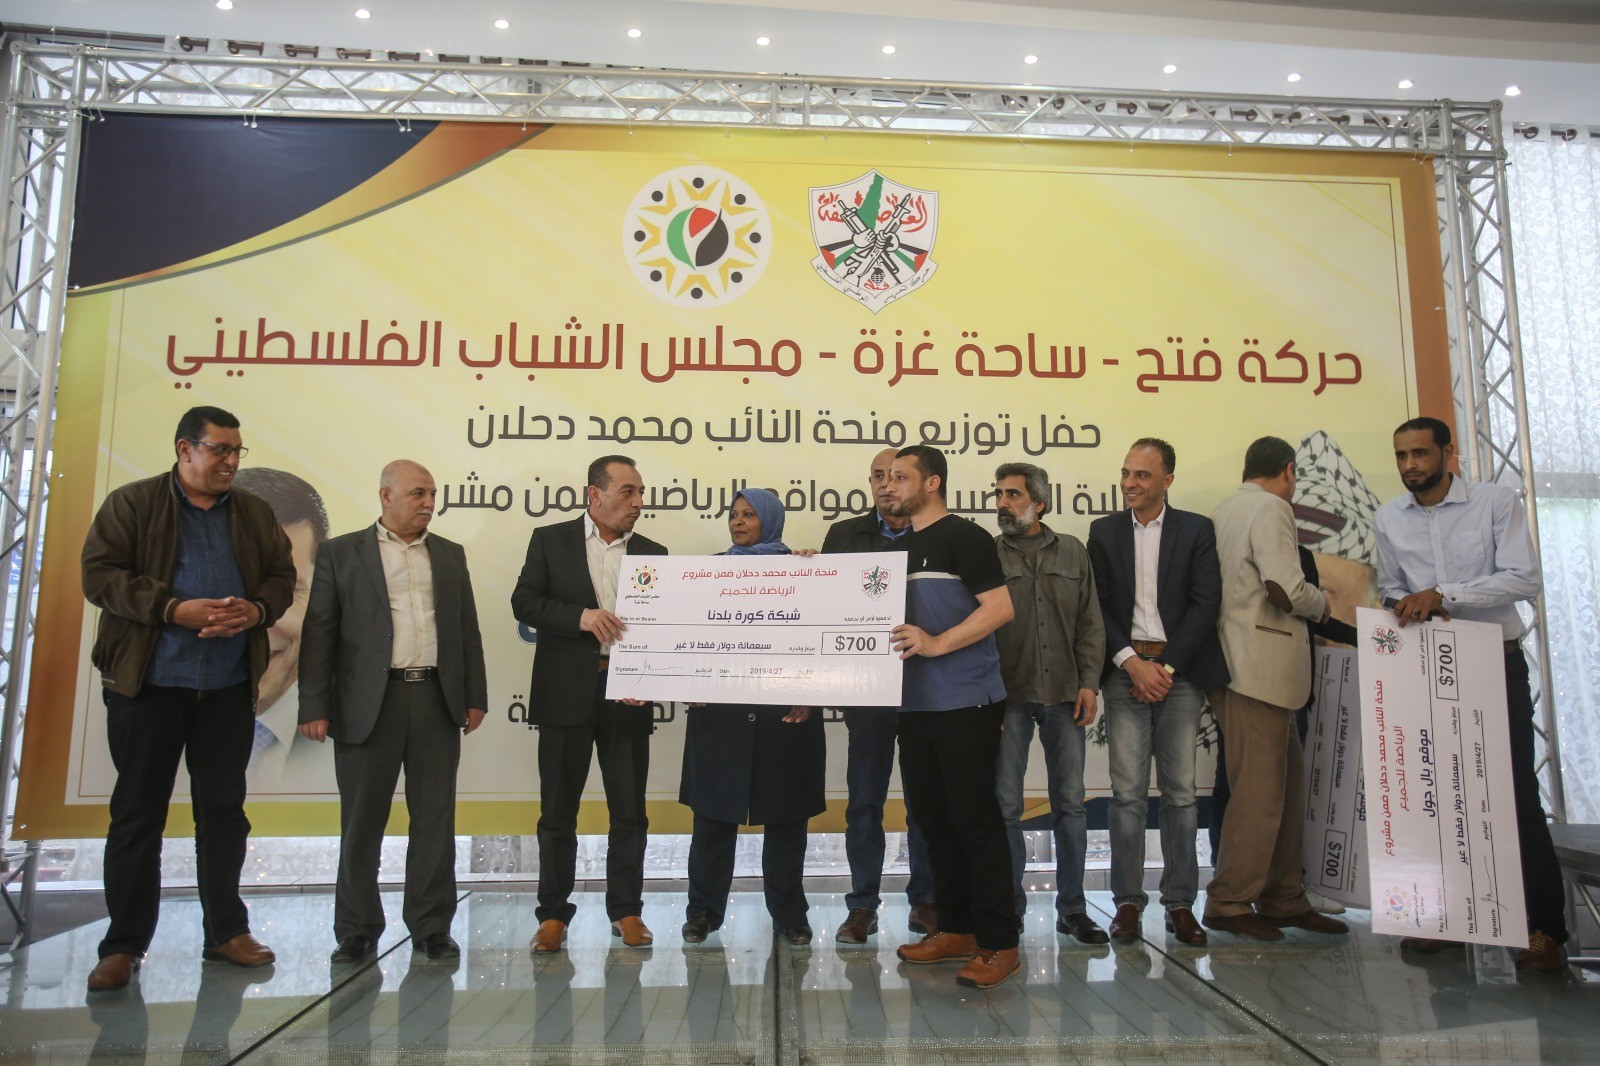 بالصور: مجلس الشباب بالتيار الإصلاحي يُنظم حفلاً لتوزيع منحة النائب دحلان